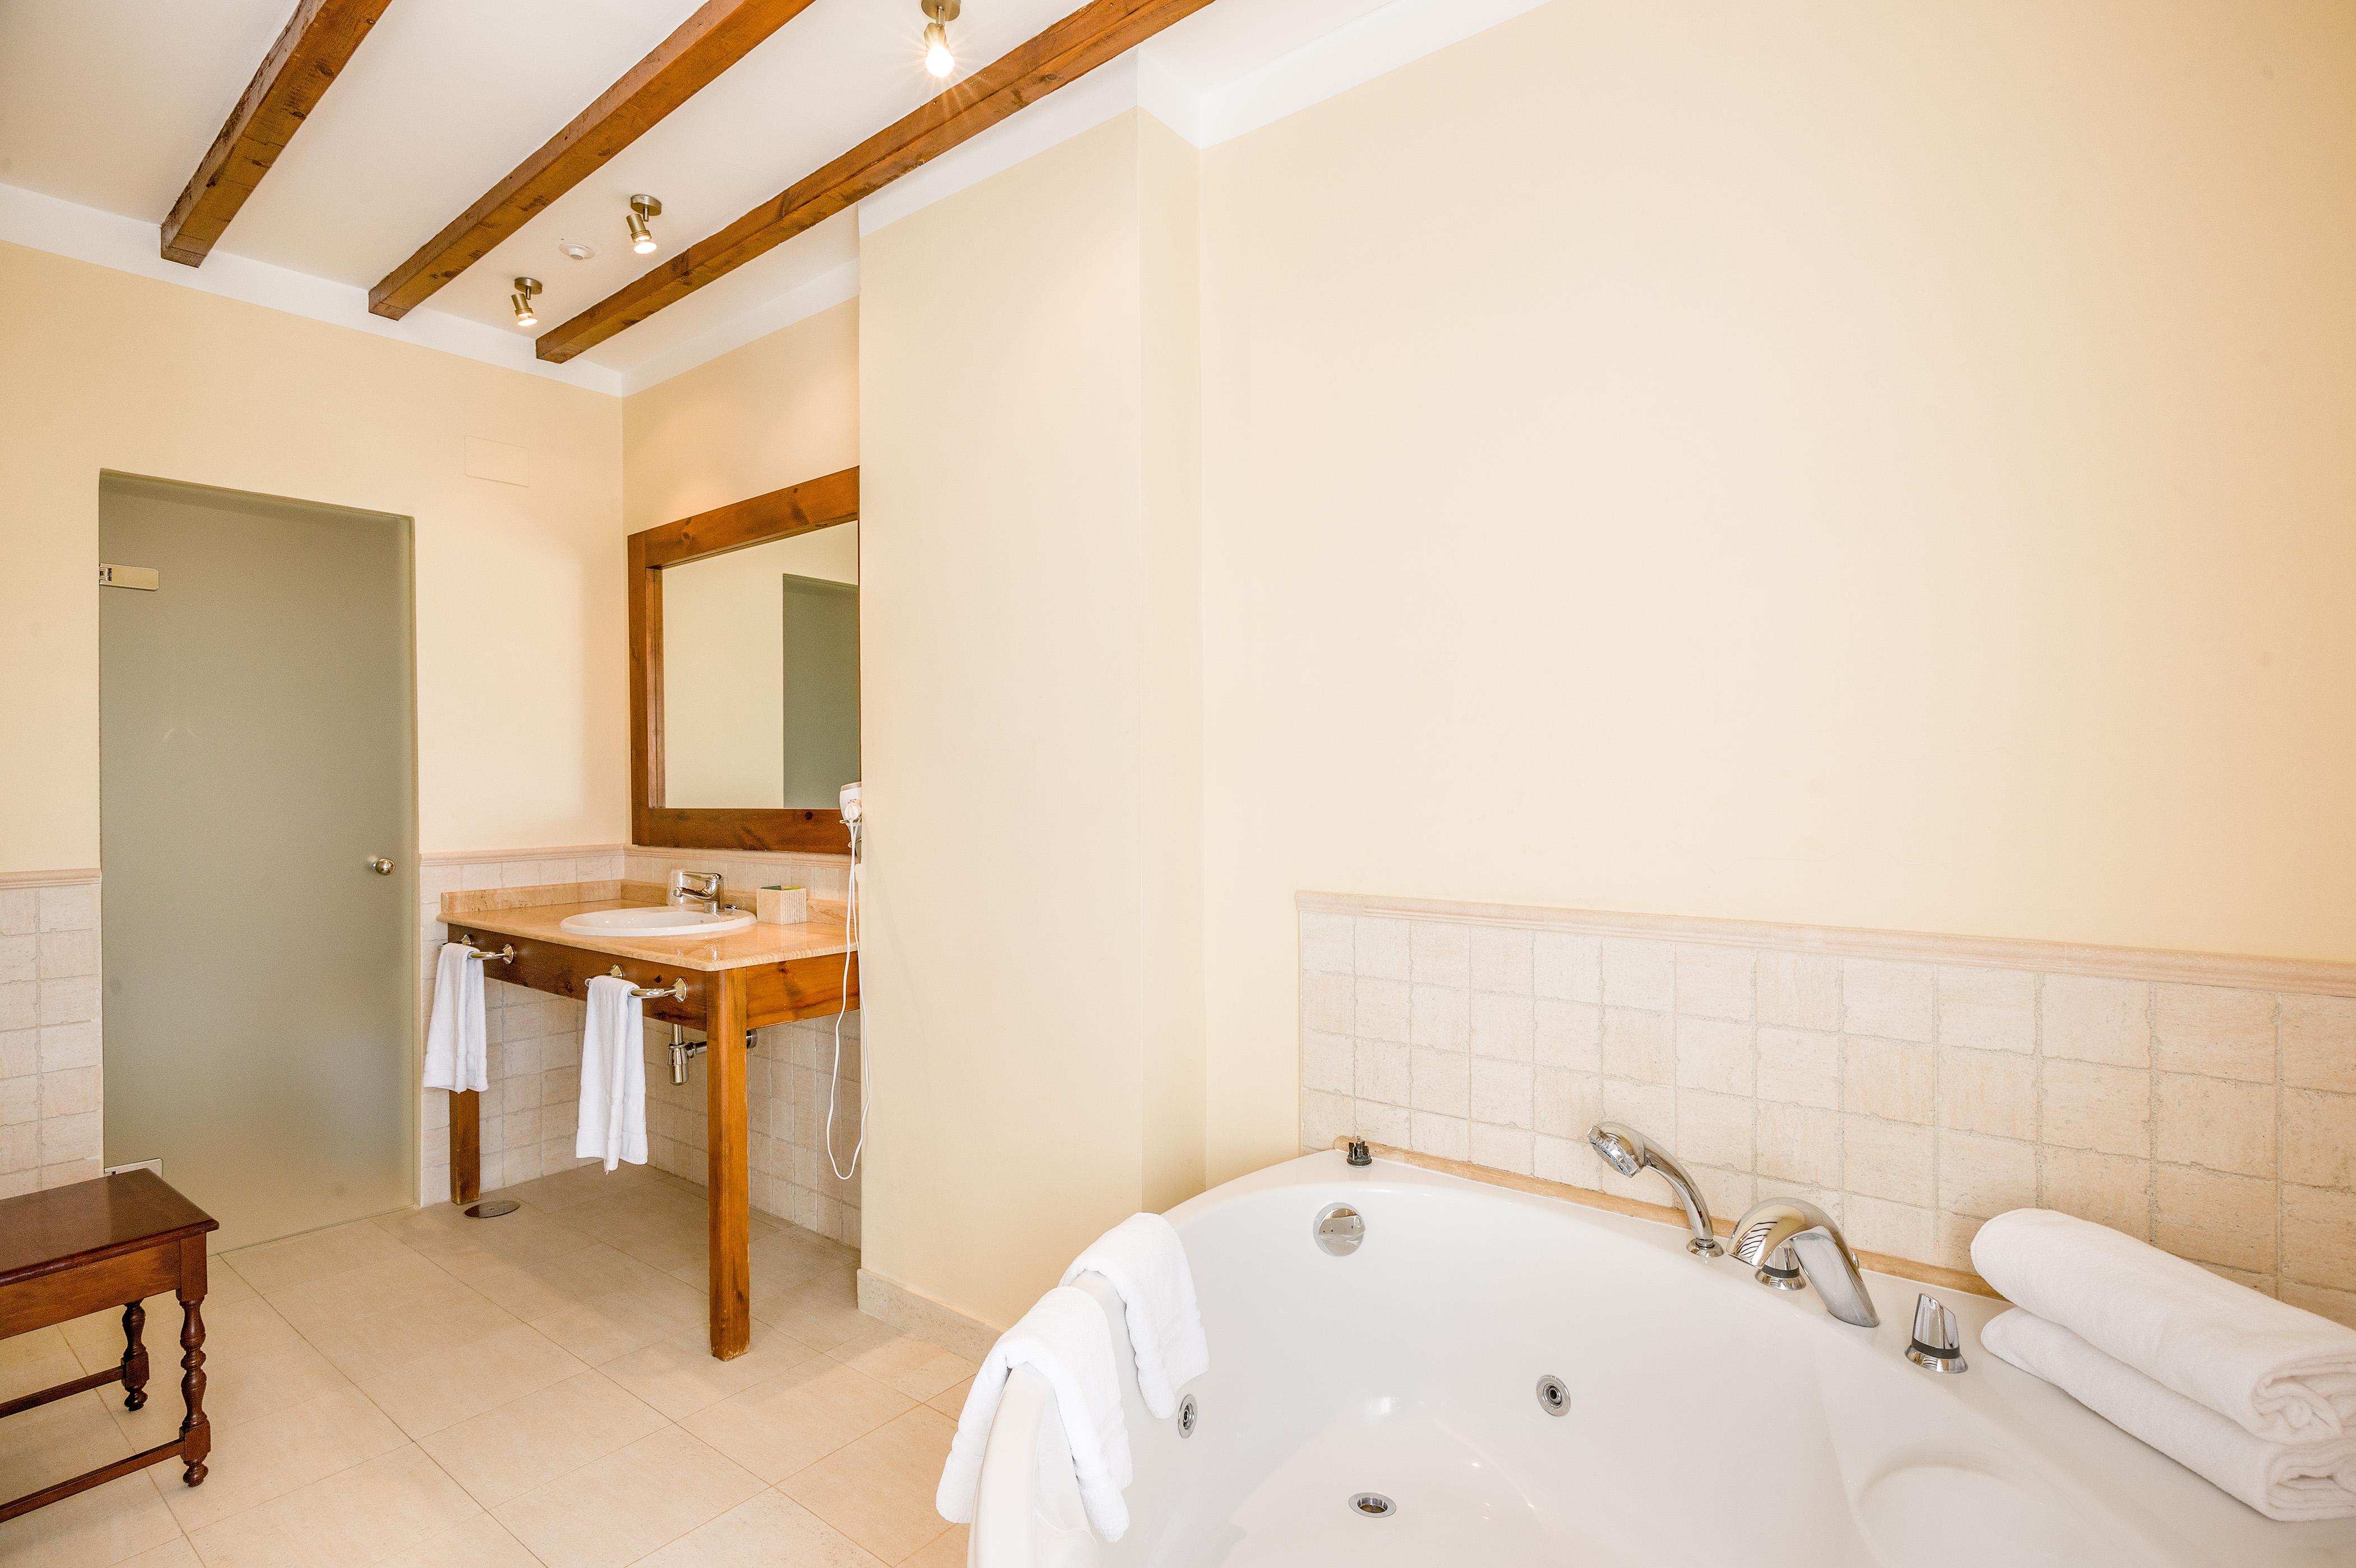 Habitación con Bañera Hidromasaje